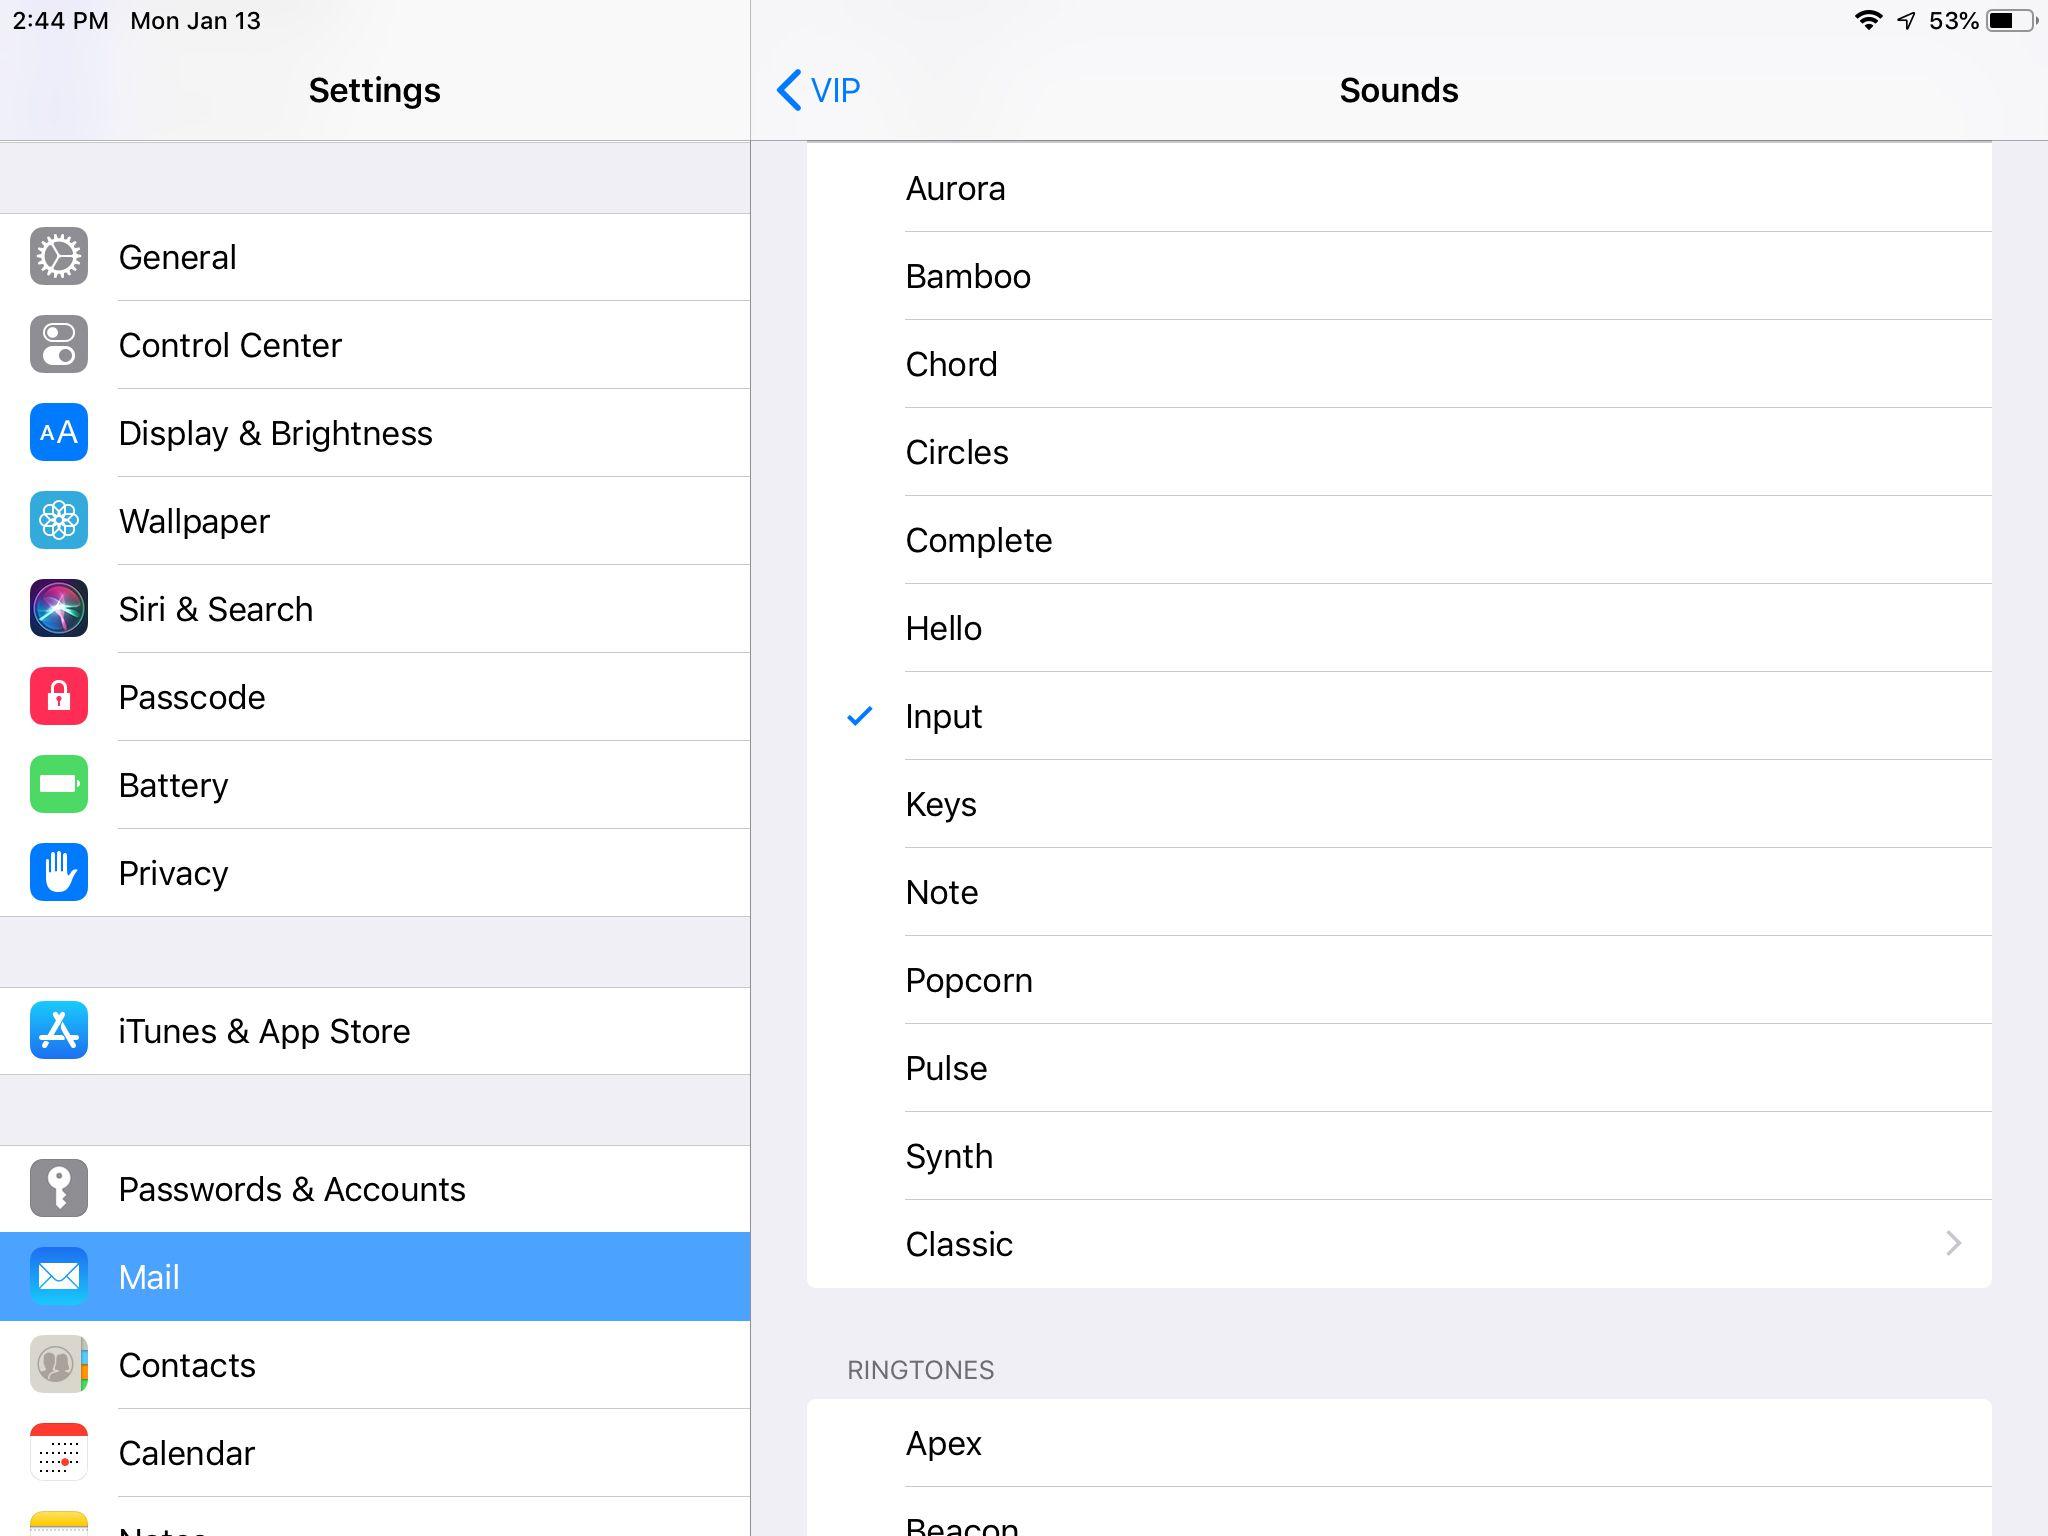 Sounds screen in iPad settings